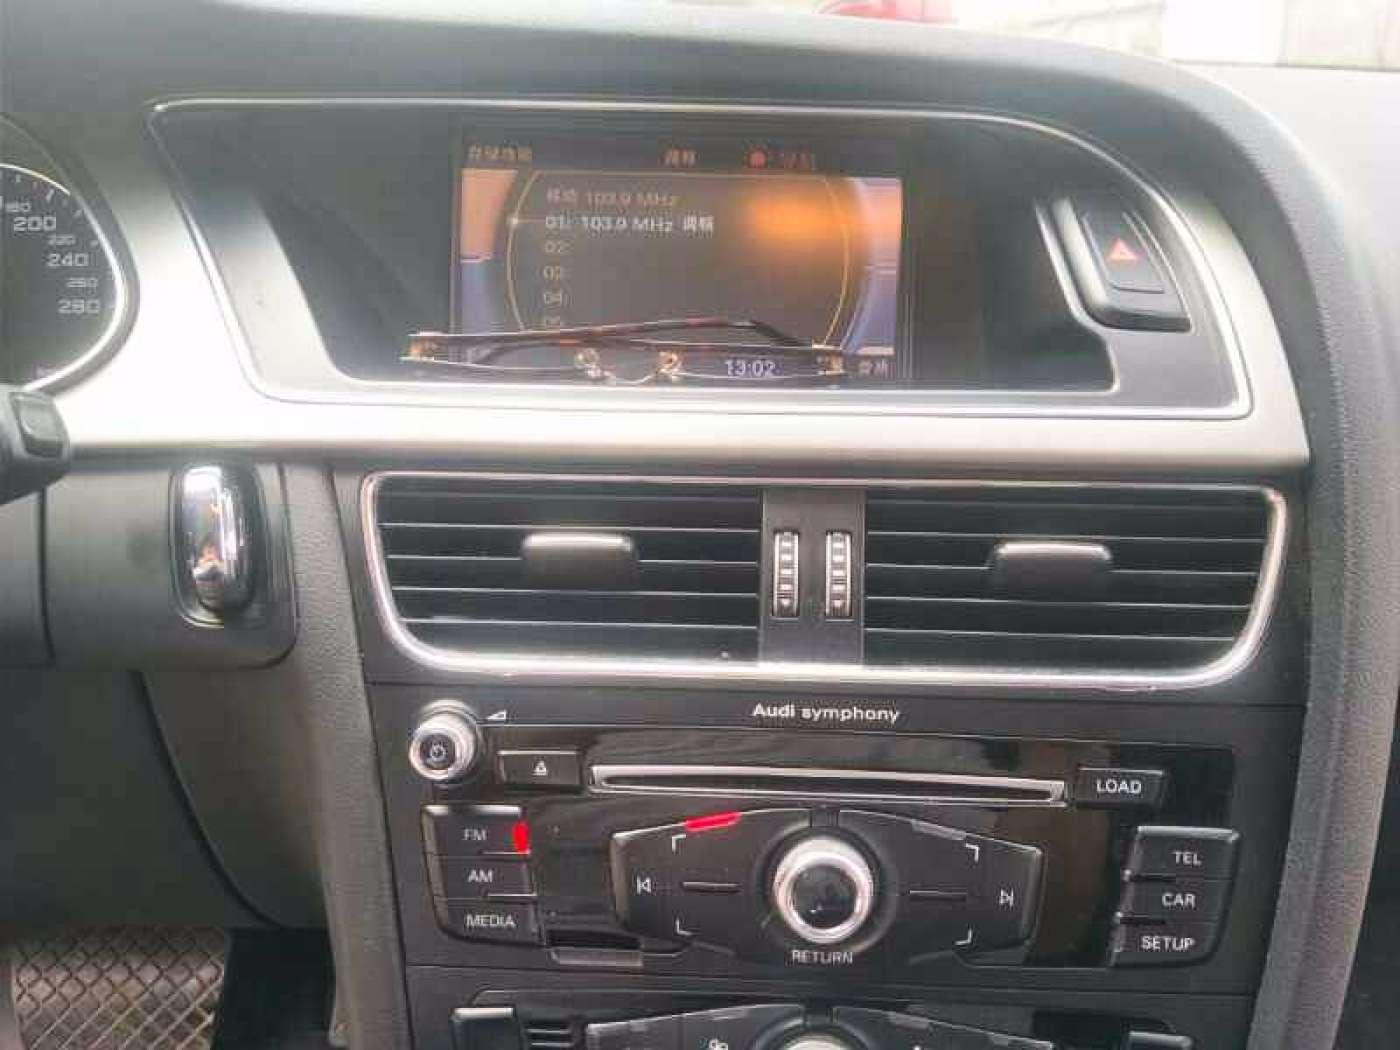 2014年02月 奥迪A4L 2013款 35 TFSI 自动舒适型|甄选奥迪-北京卡斯基汽车服务有限公司